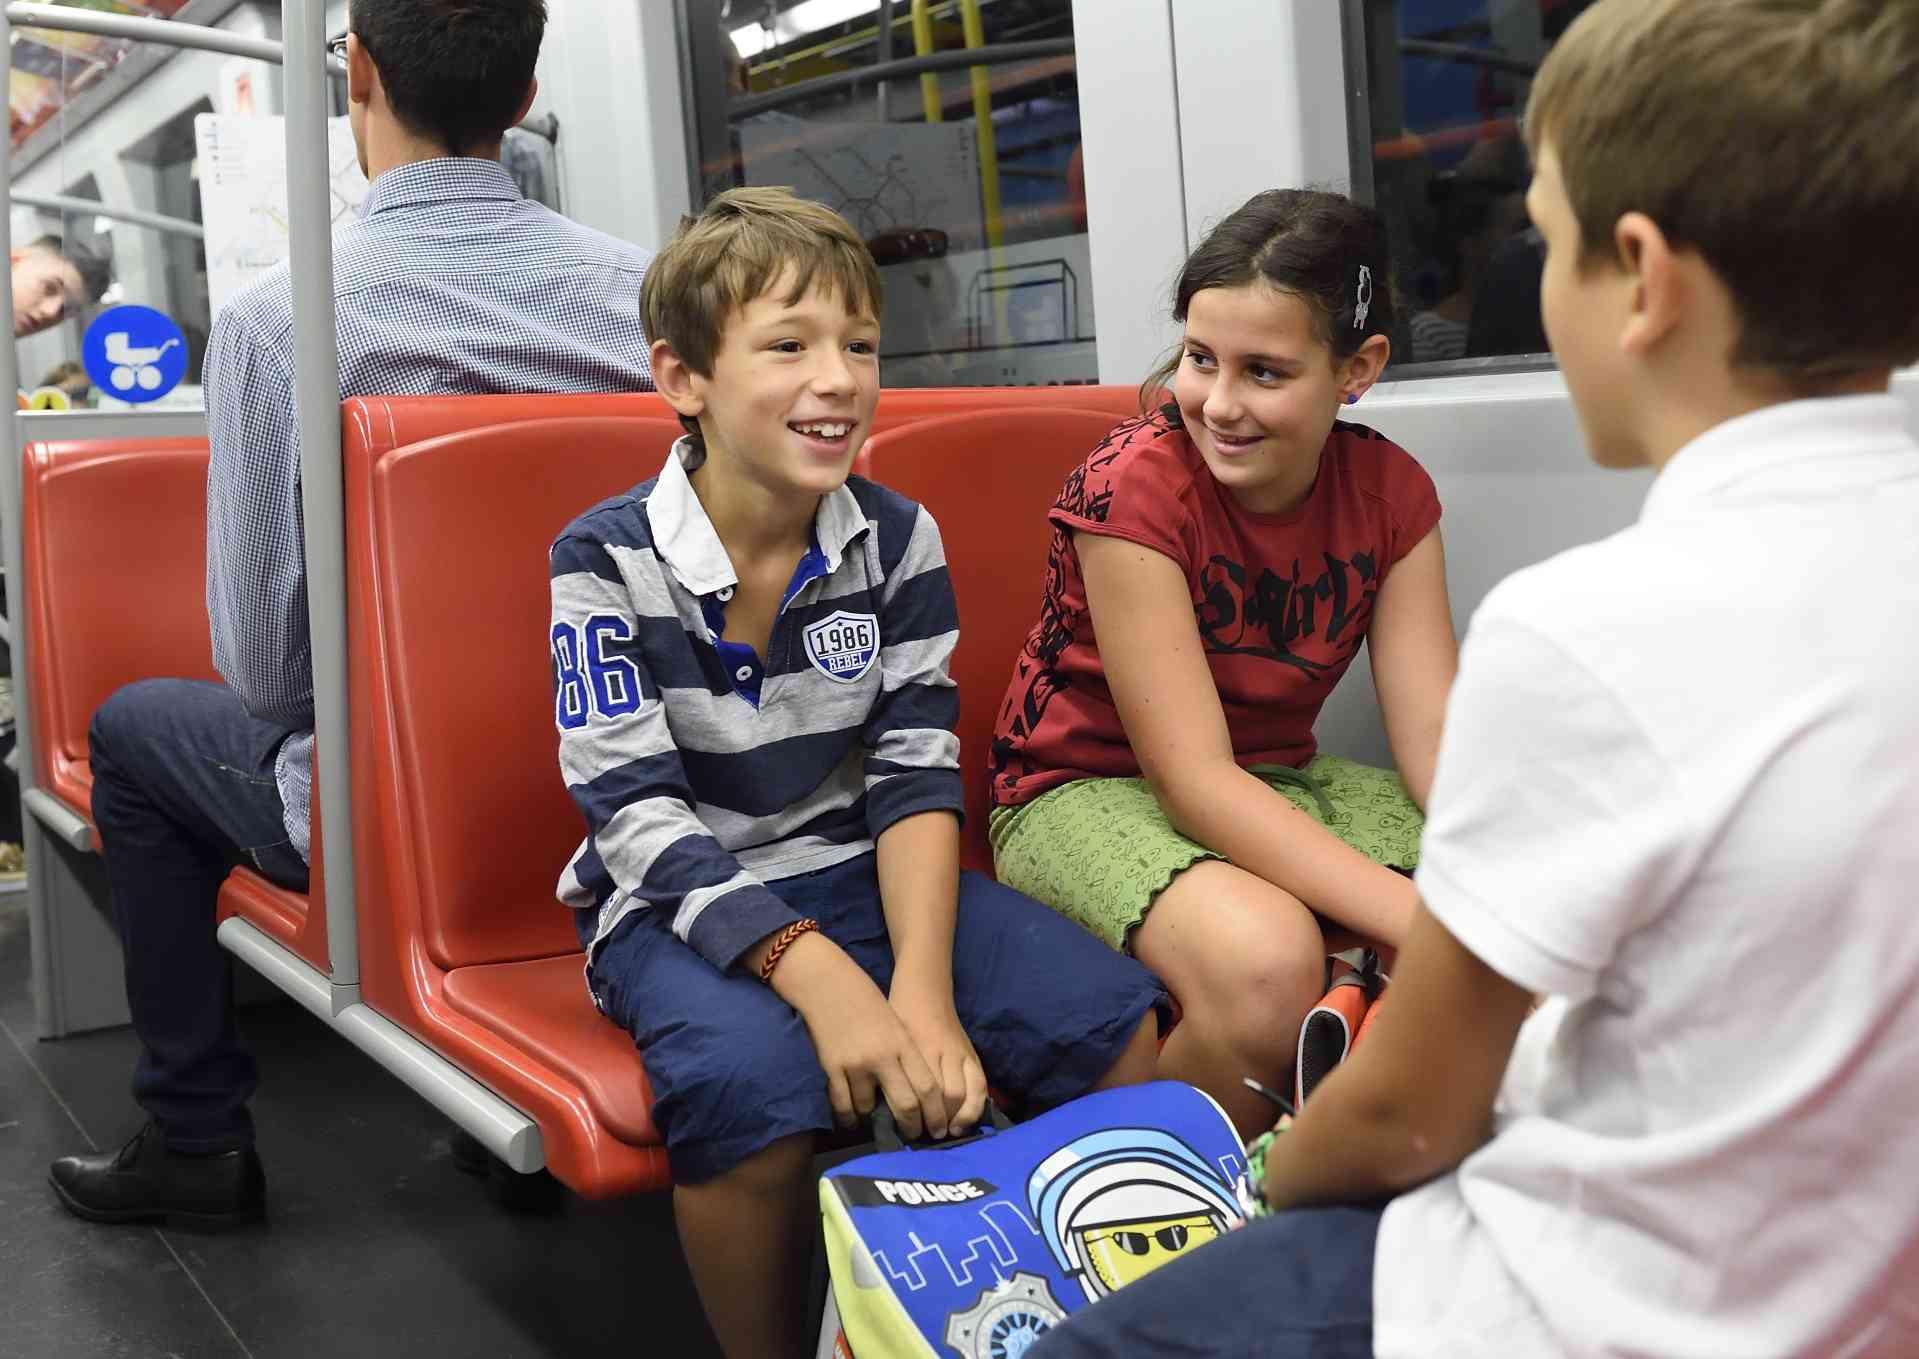 Wenn möglich sollen Kinder während der Fahrt sitzen. Sonst unbedingt die Haltestangen benutzen.